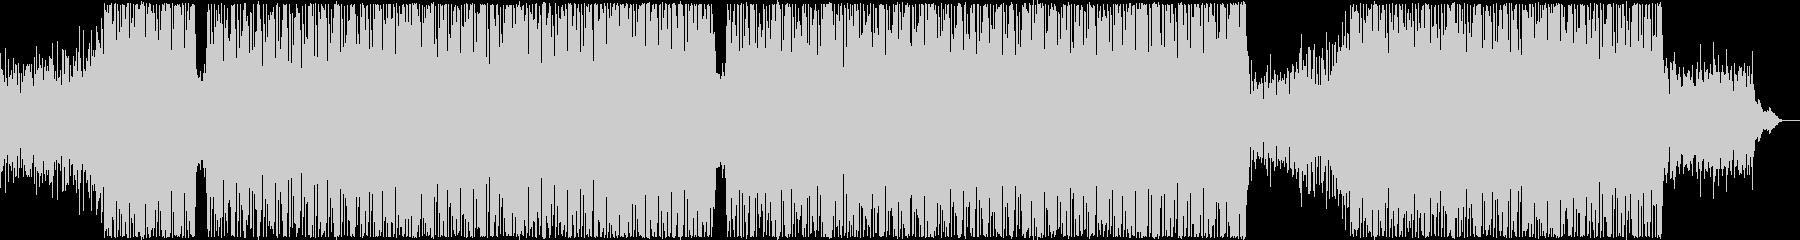 エネルギッシュ、ポップ/ダンス、イ...の未再生の波形